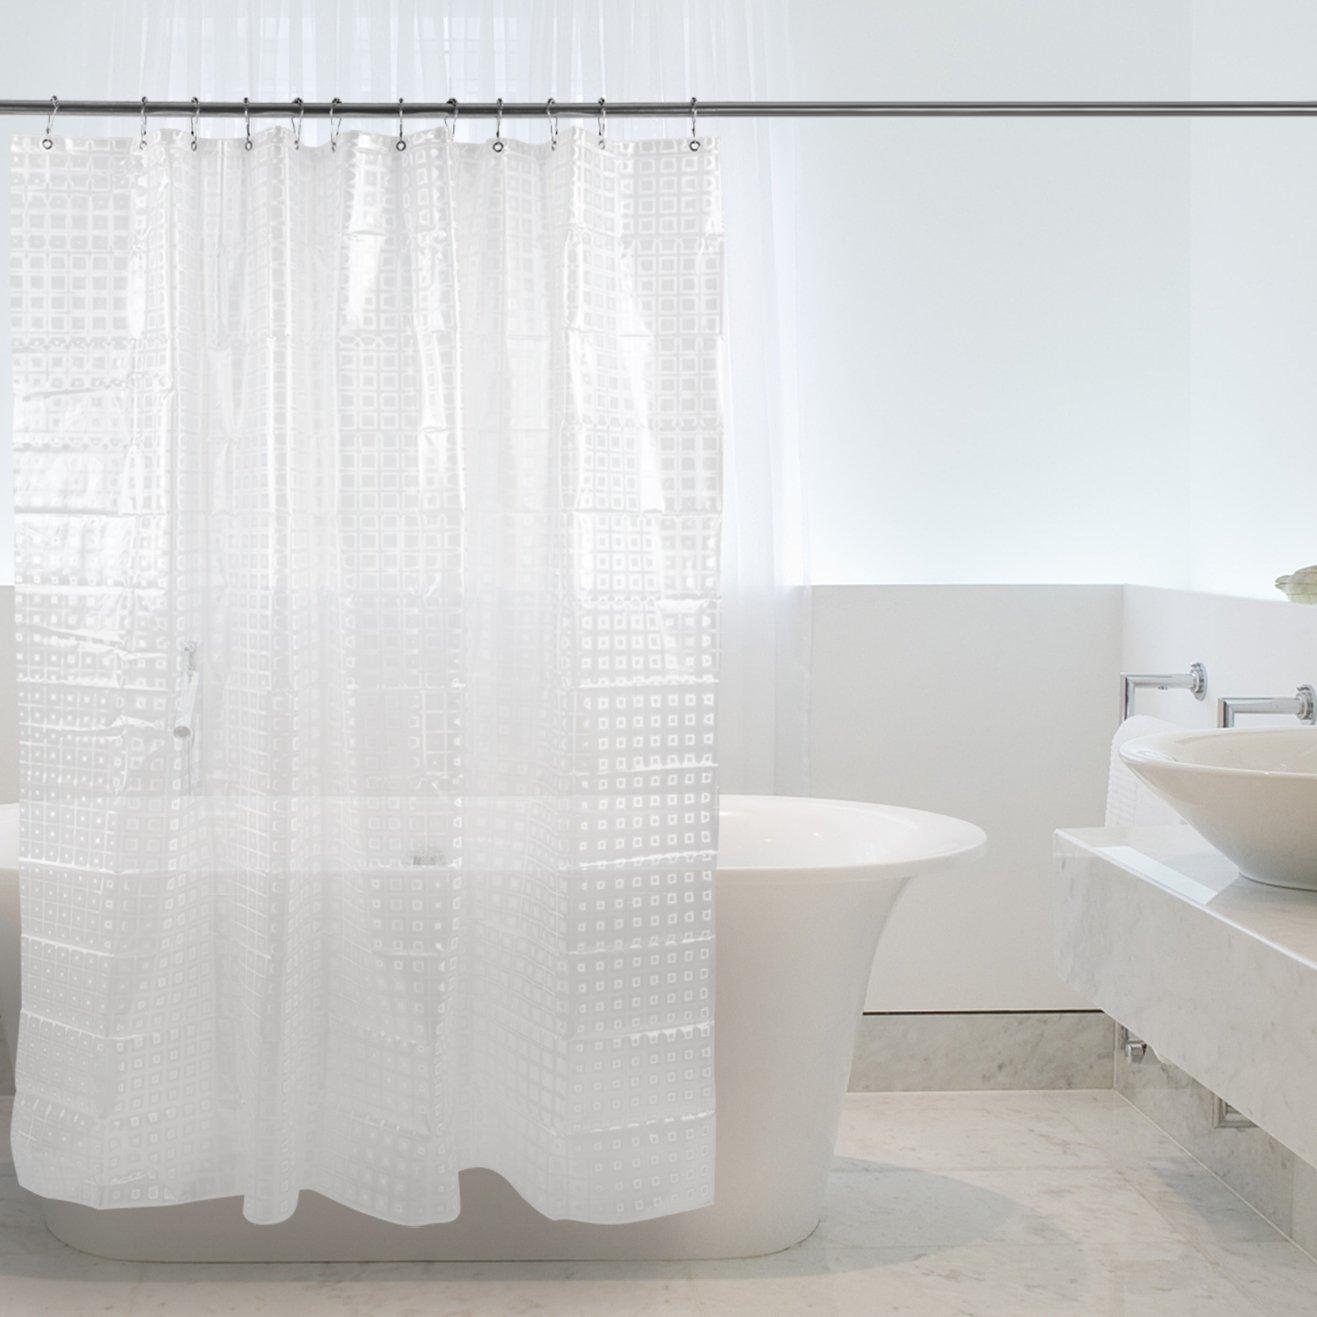 Halbtransparent Duschvorhang / Duschvorhänge transparent / Duschvorhänge , Magiclux Tech Schimmelresistent Anti-Bakteriell Duschvorhänge Wasserdicht 100% EVA mit 12 Duschvorhangringe für Badezimmer, 180 x 180cm (3D Würfel)